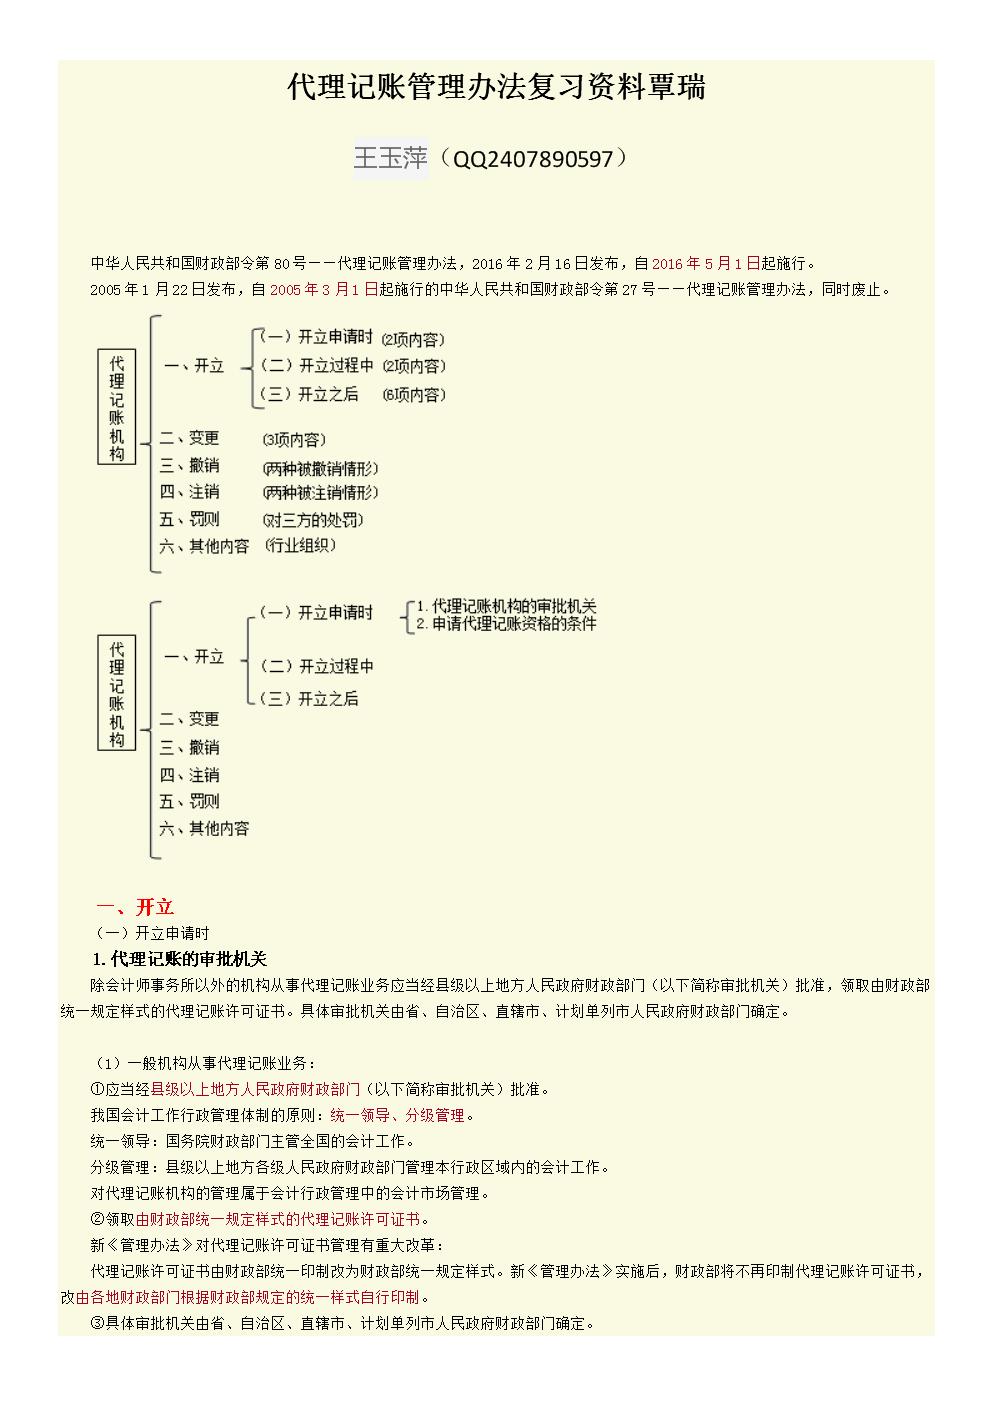 代理记账管理办法复习资料覃瑞.docx